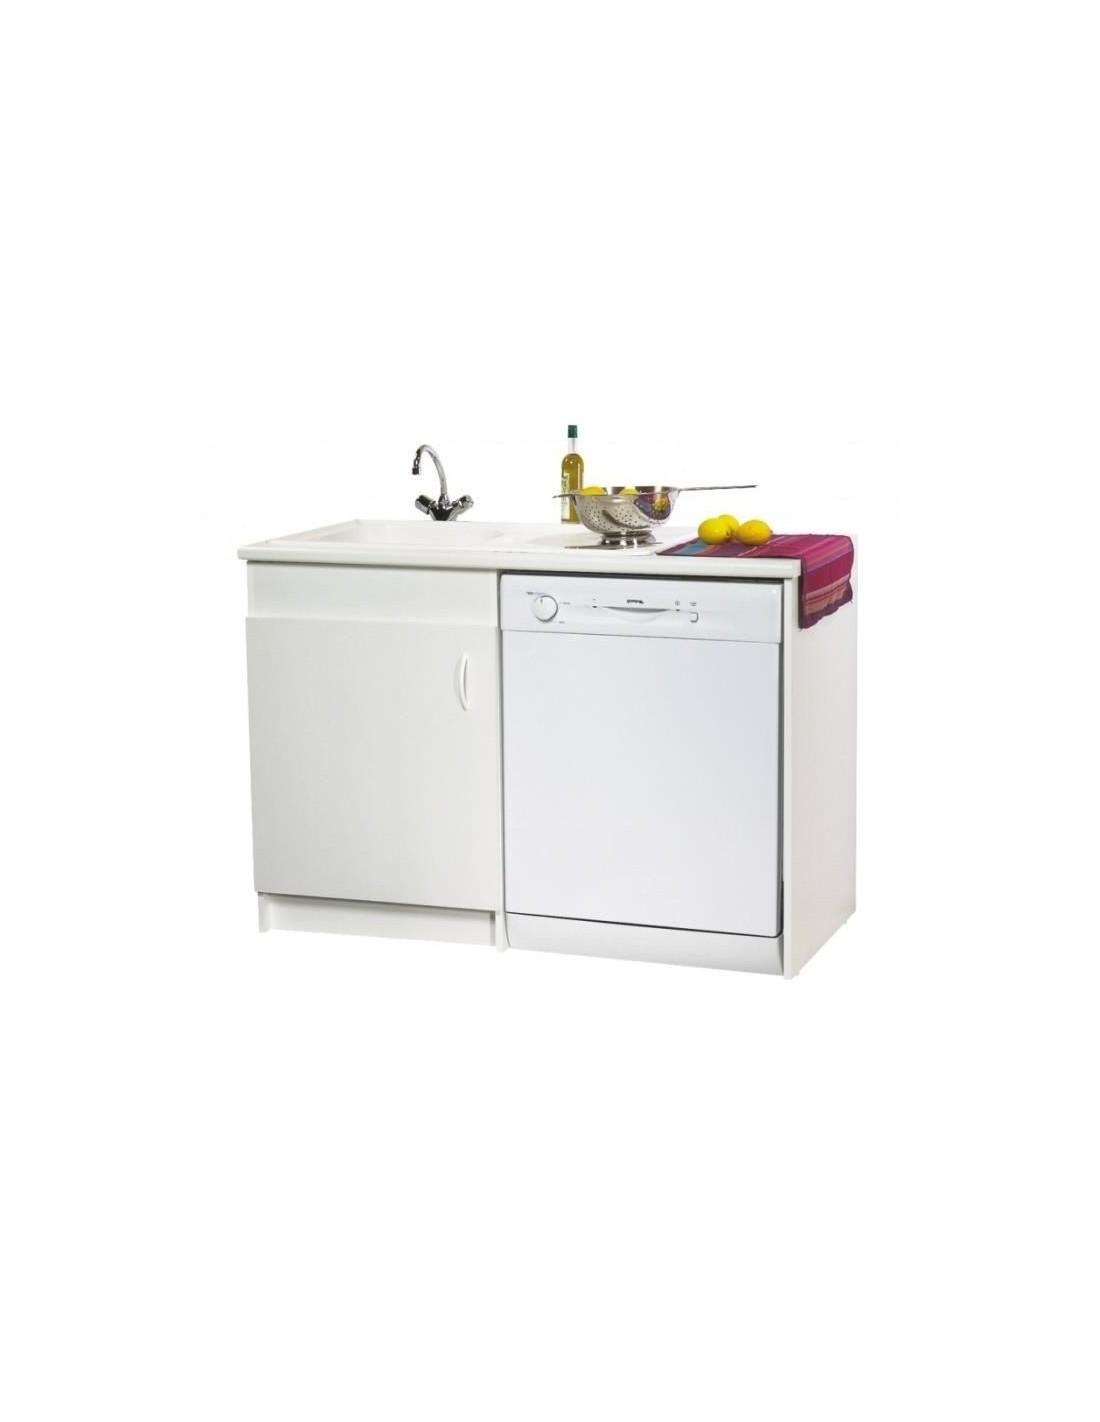 meuble de sous vier option lave vaisselle 120 x 60. Black Bedroom Furniture Sets. Home Design Ideas